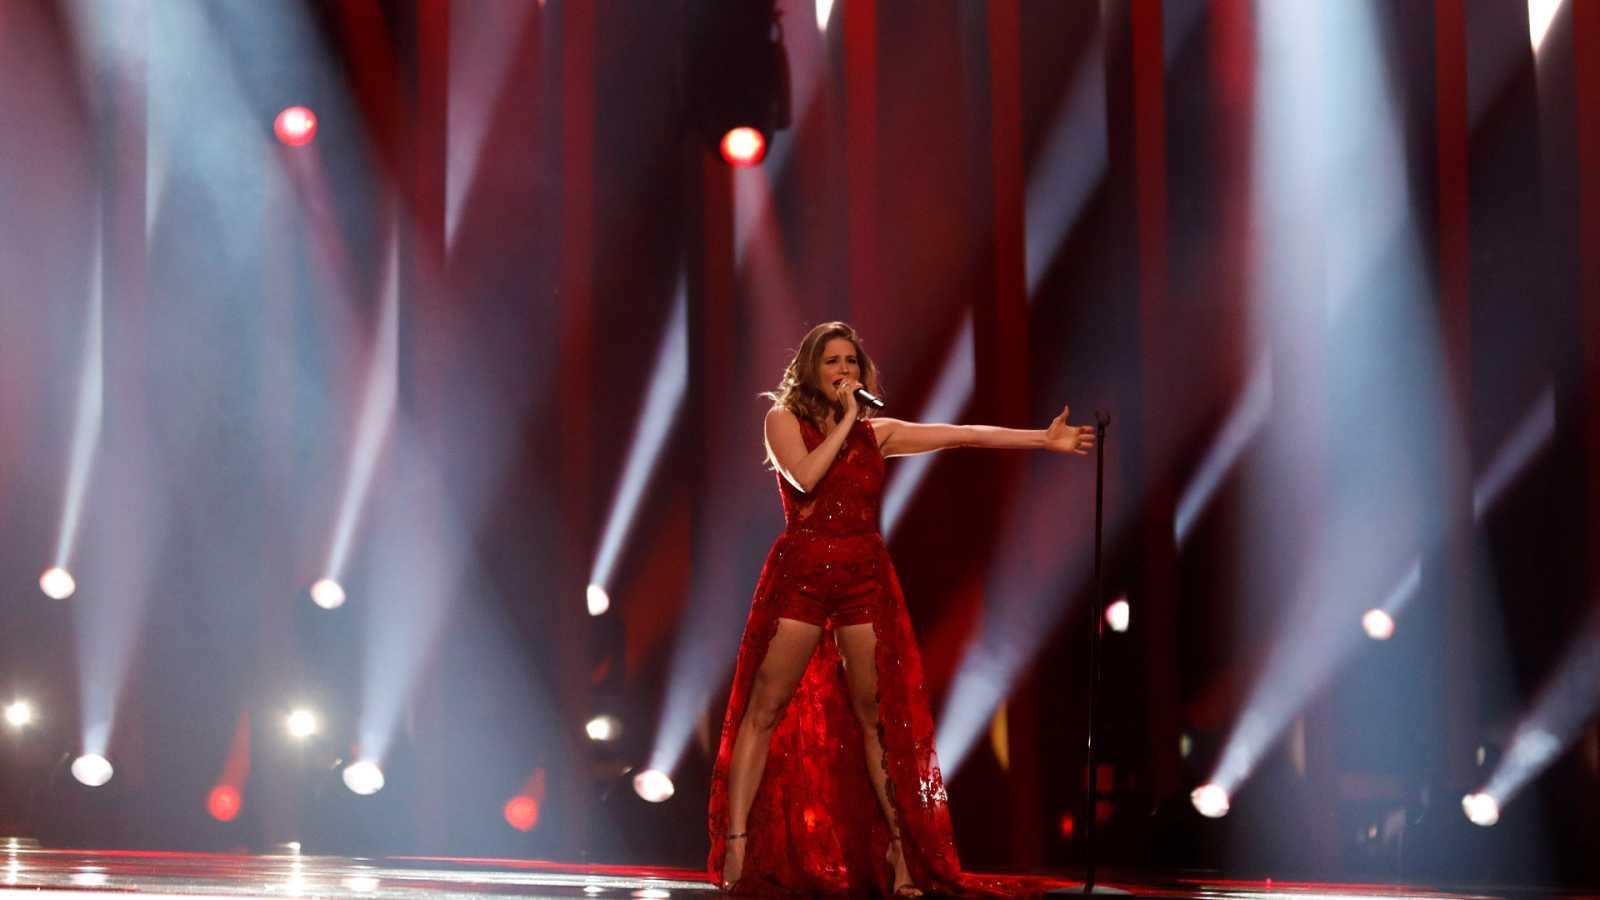 """Eurovisión - Letonia: Laura Rizzoto canta """"Funny girl"""" en la segunda semifinal de Eurovisión 2018"""